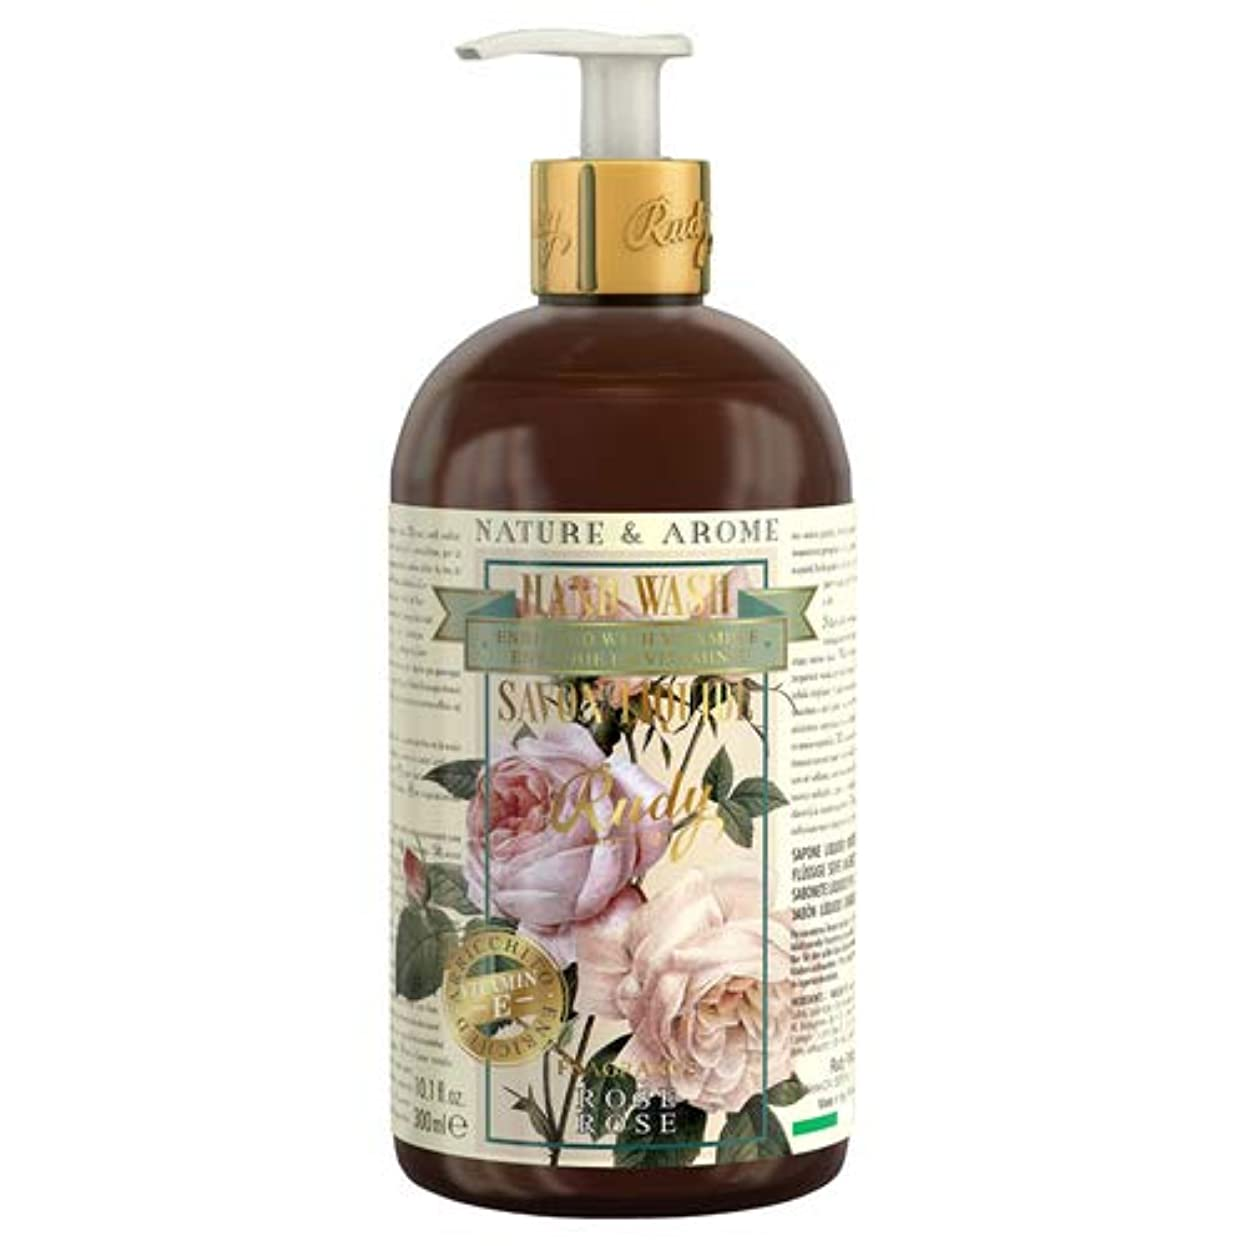 会うアトムスクリューRUDY Nature&Arome Apothecary ネイチャーアロマ アポセカリー Hand Wash ハンドウォッシュ(ボディソープ) Rose ローズ